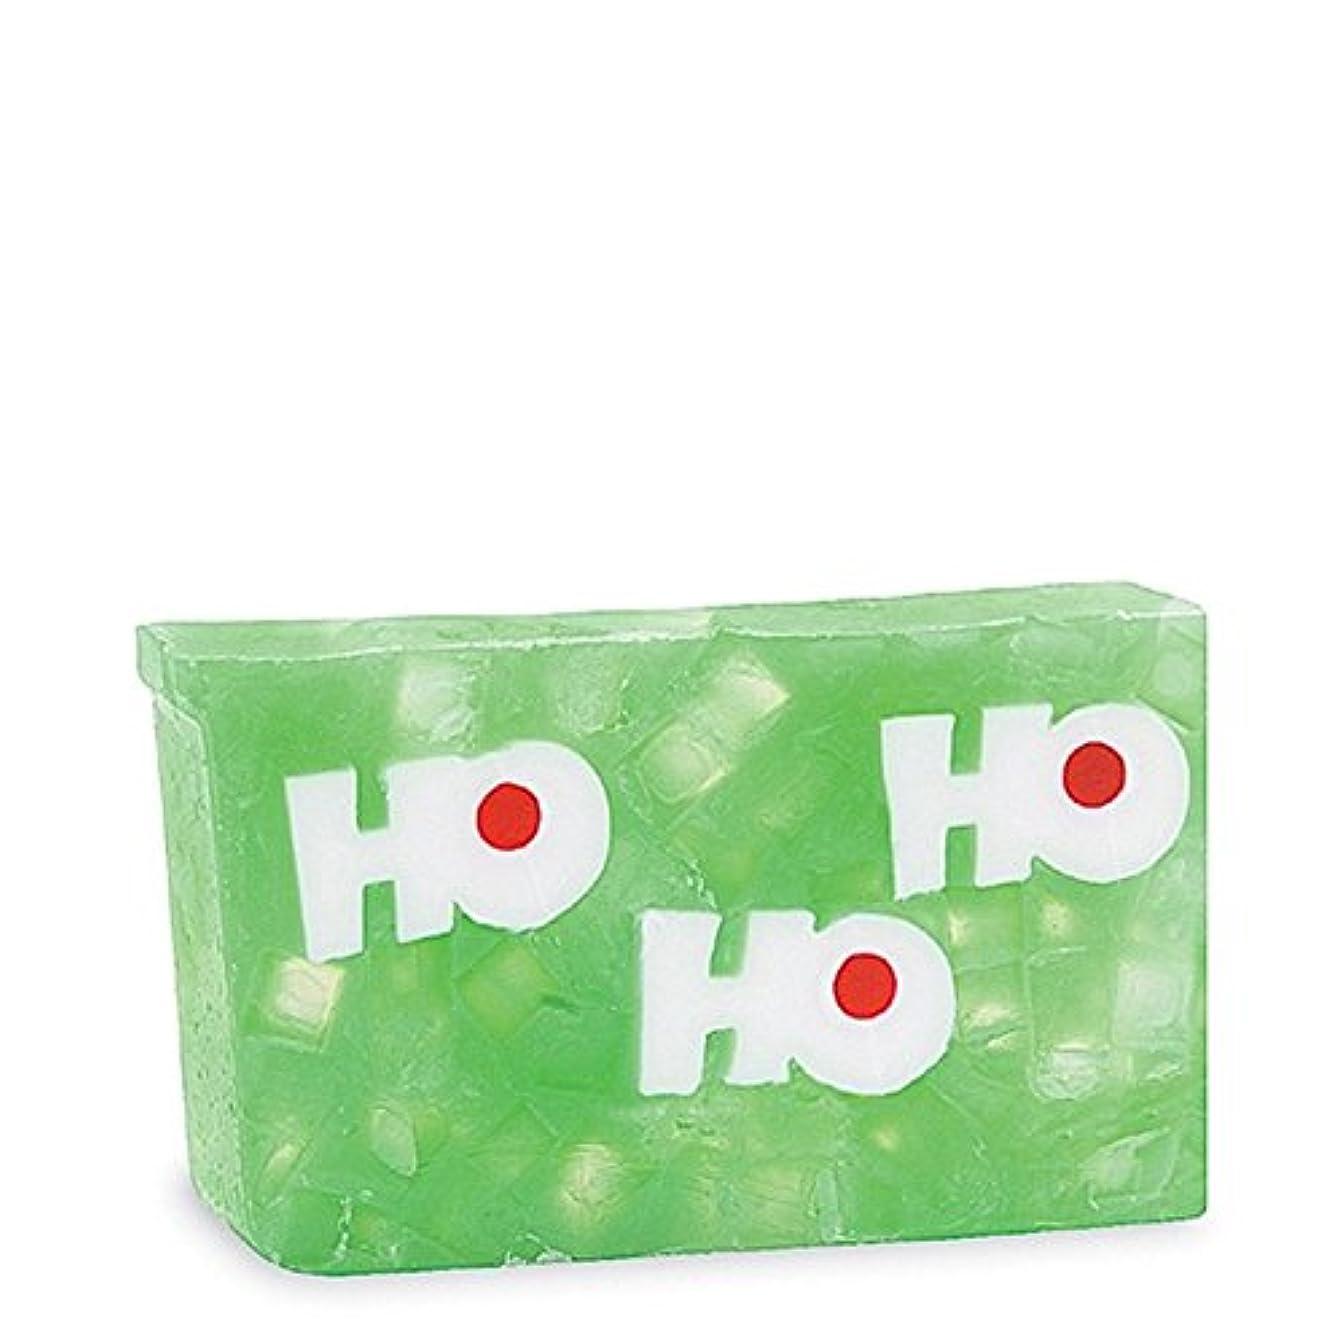 巡礼者干渉する再集計原初の要素ホーホーホ石鹸 x4 - Primal Elements Ho Ho Ho Soap (Pack of 4) [並行輸入品]